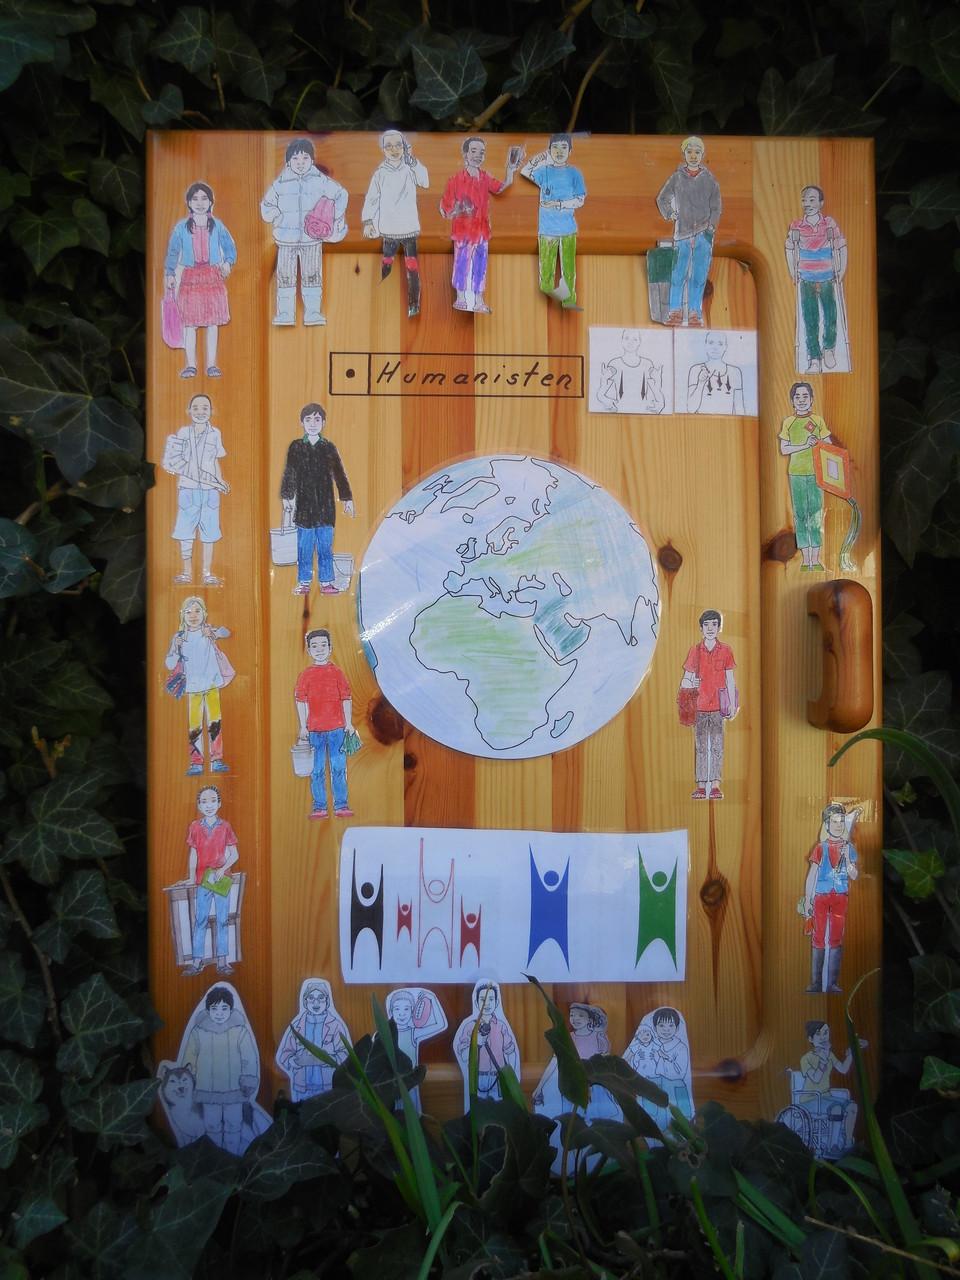 Tür mit humanistischen Symbolen